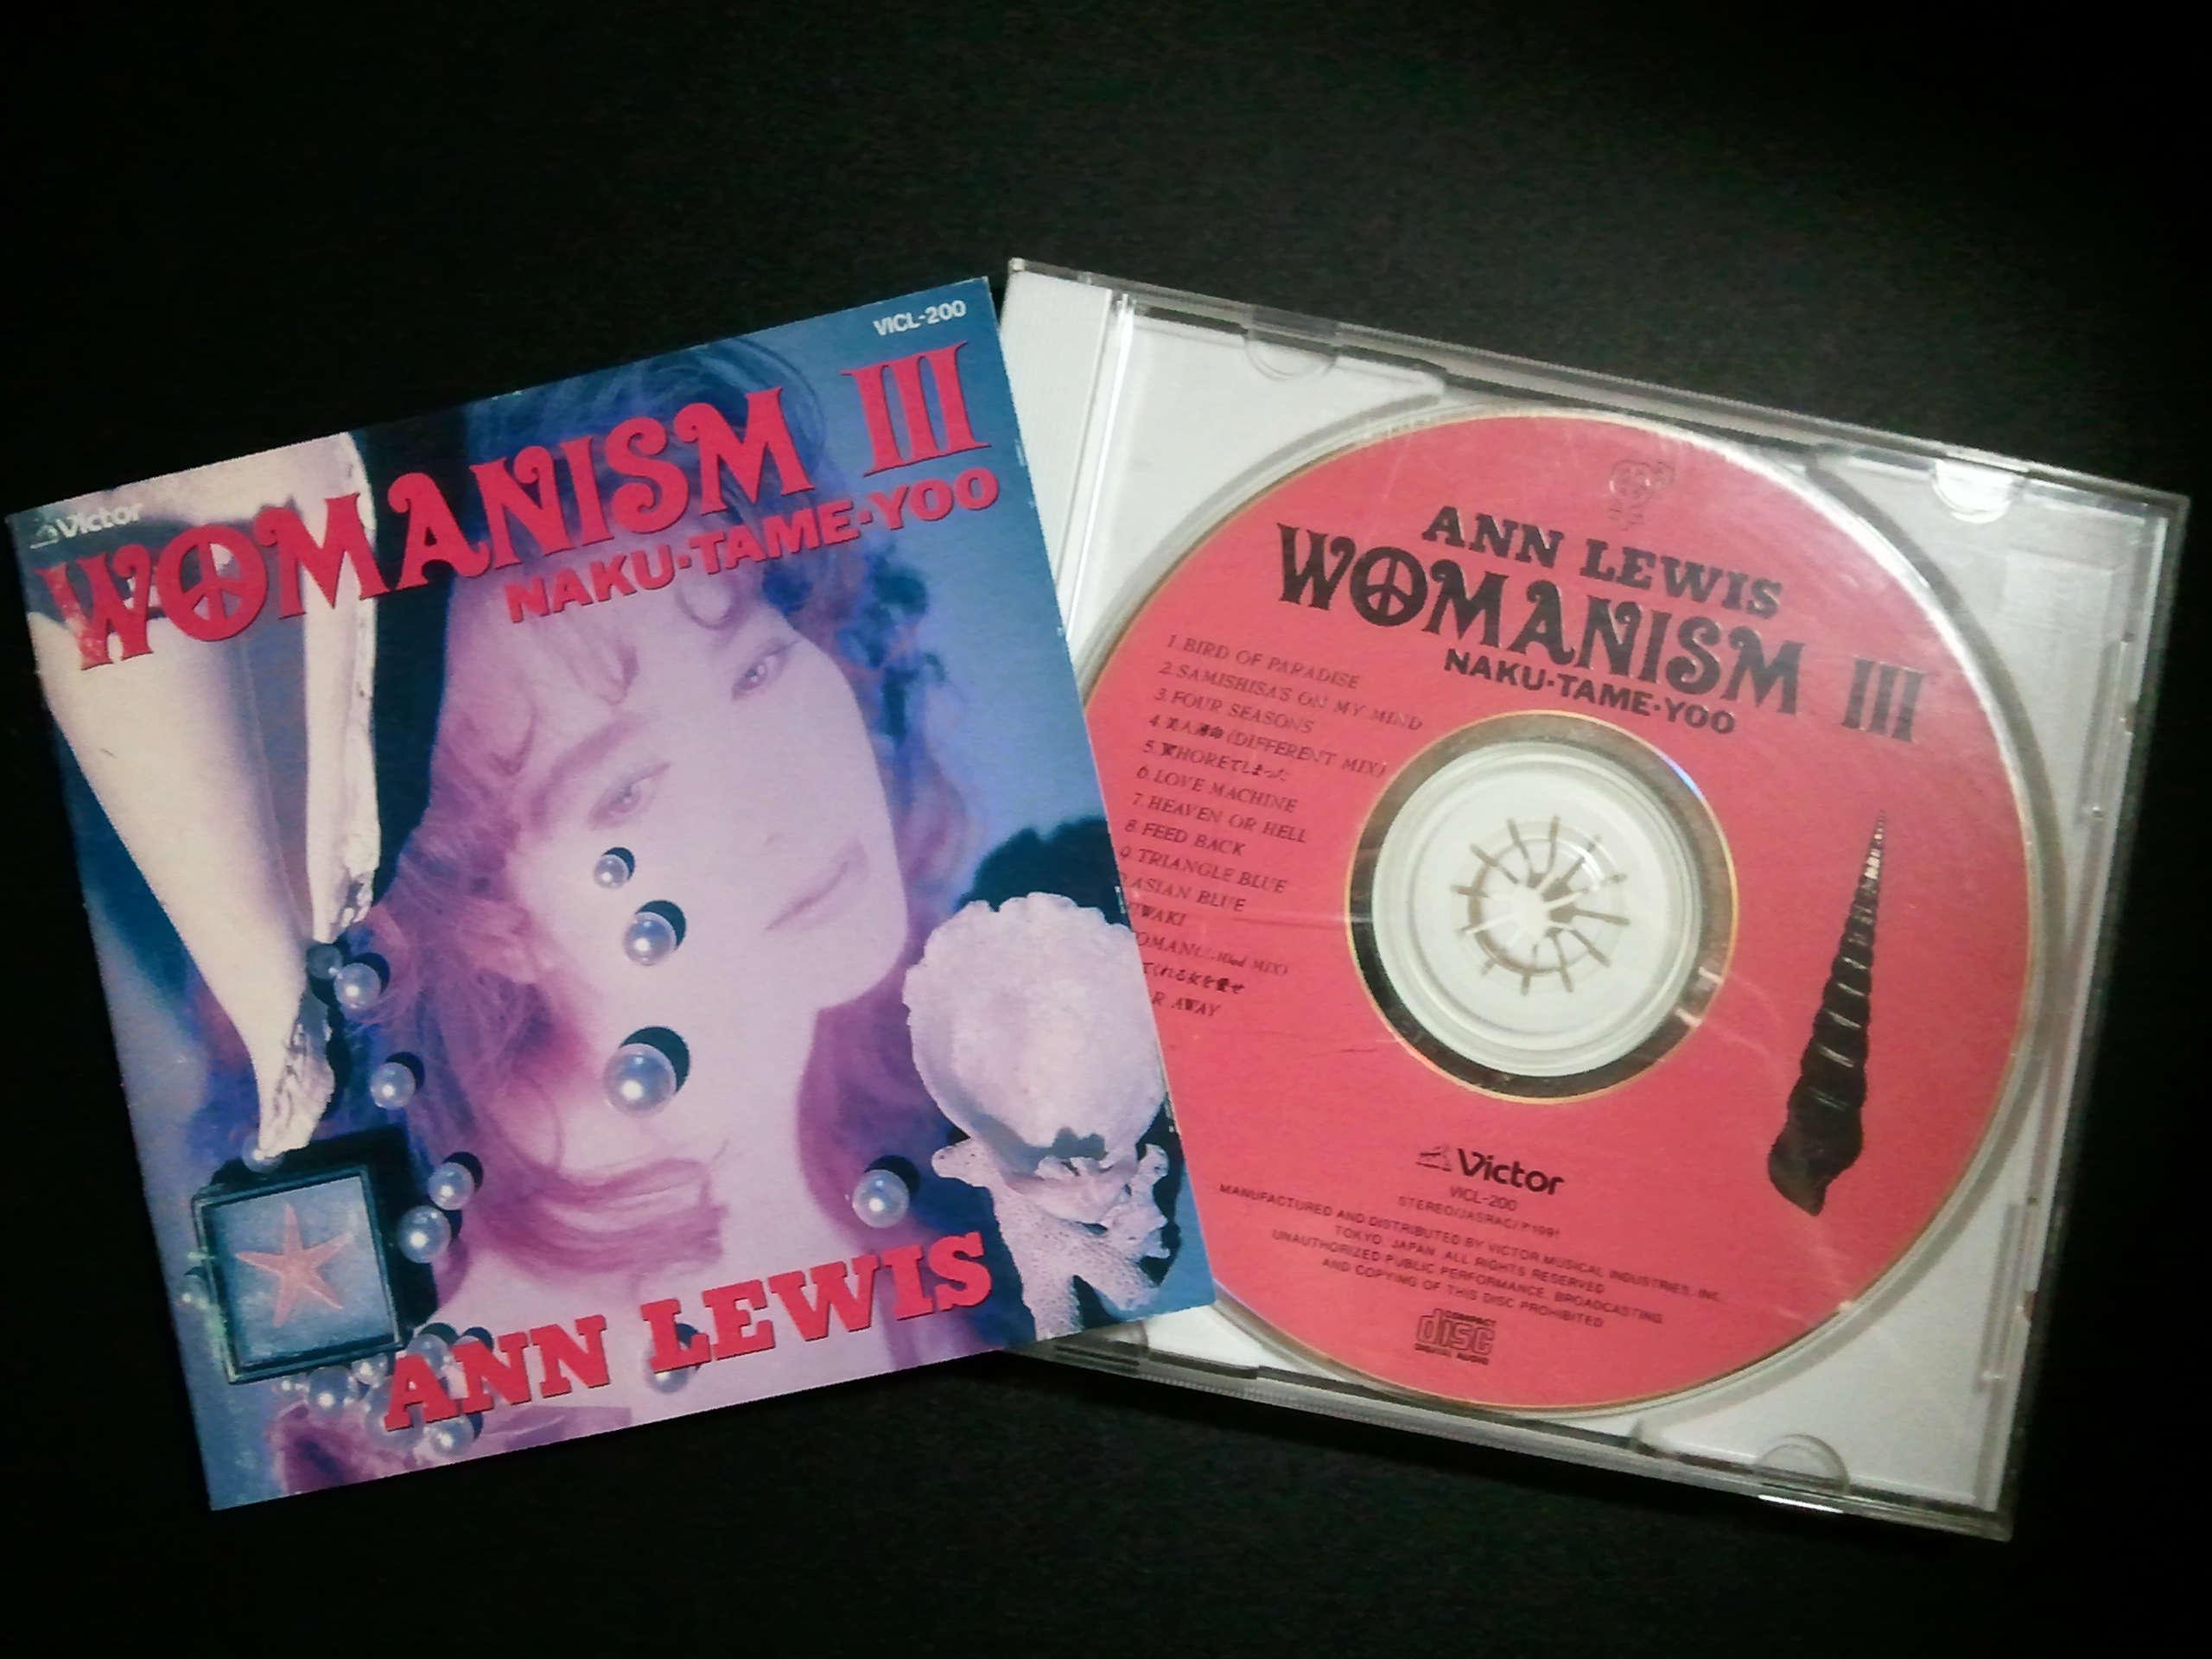 WOMANISM III